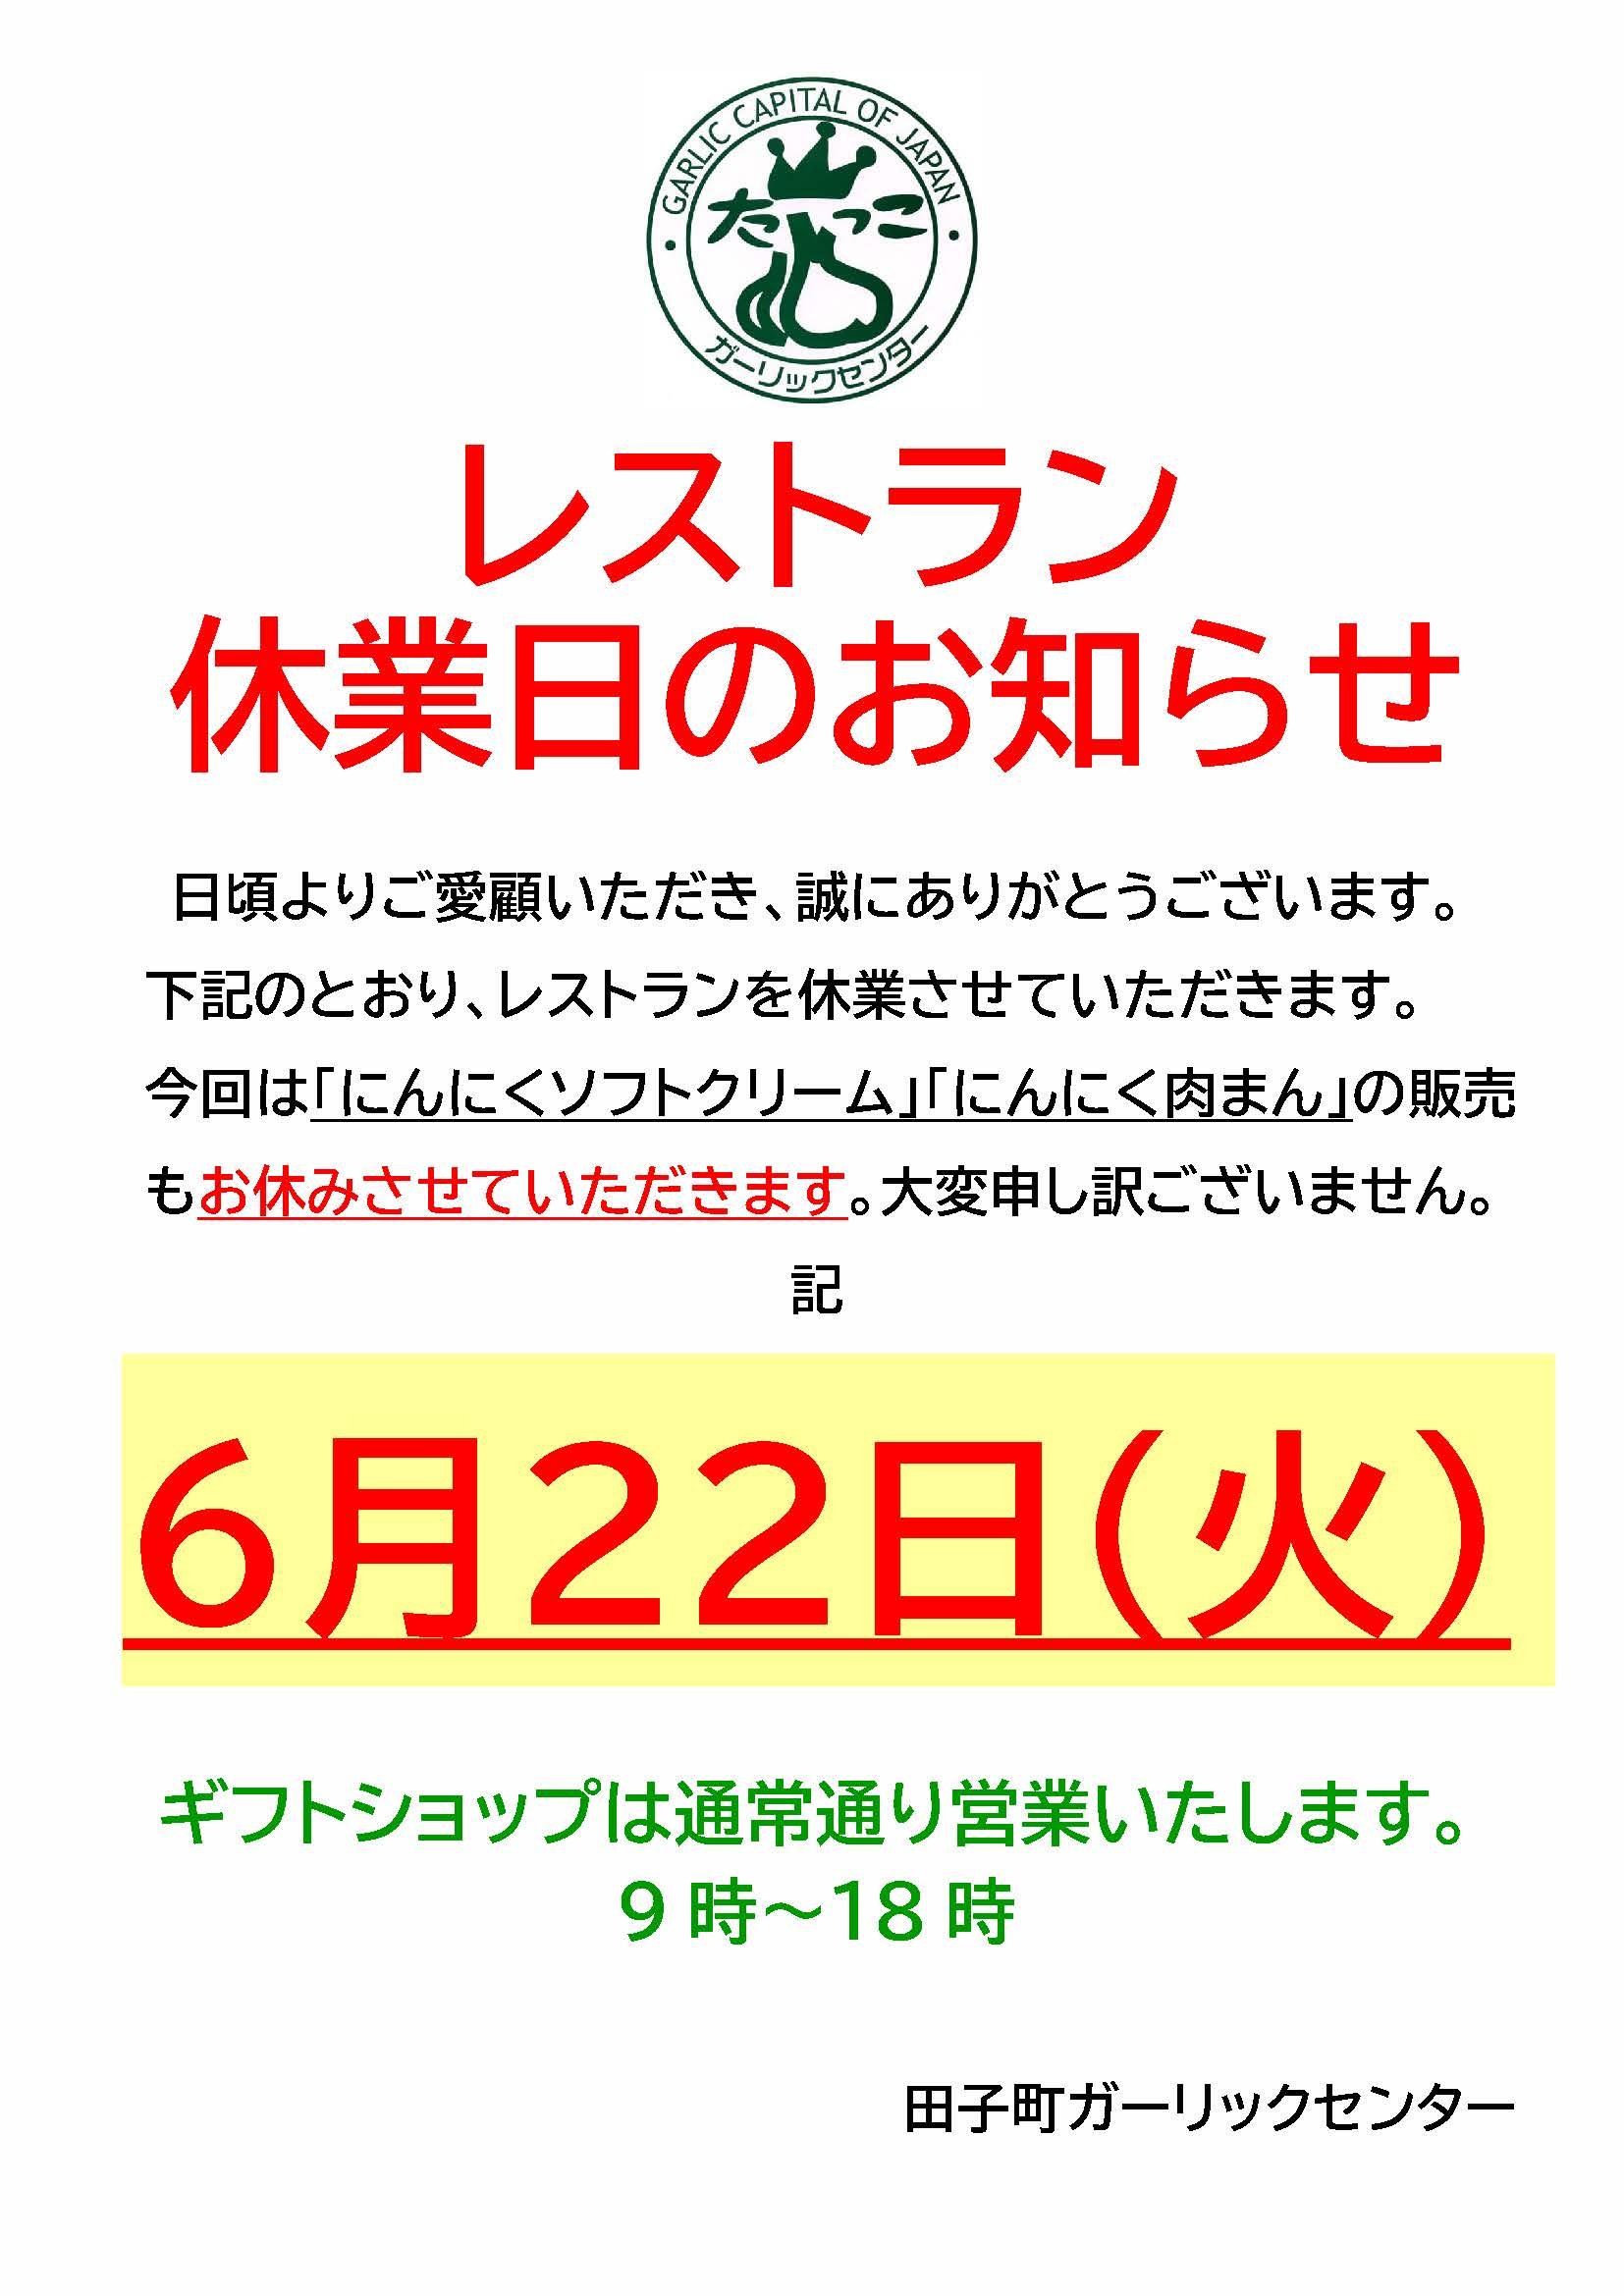 6/22(火)レストランお休み